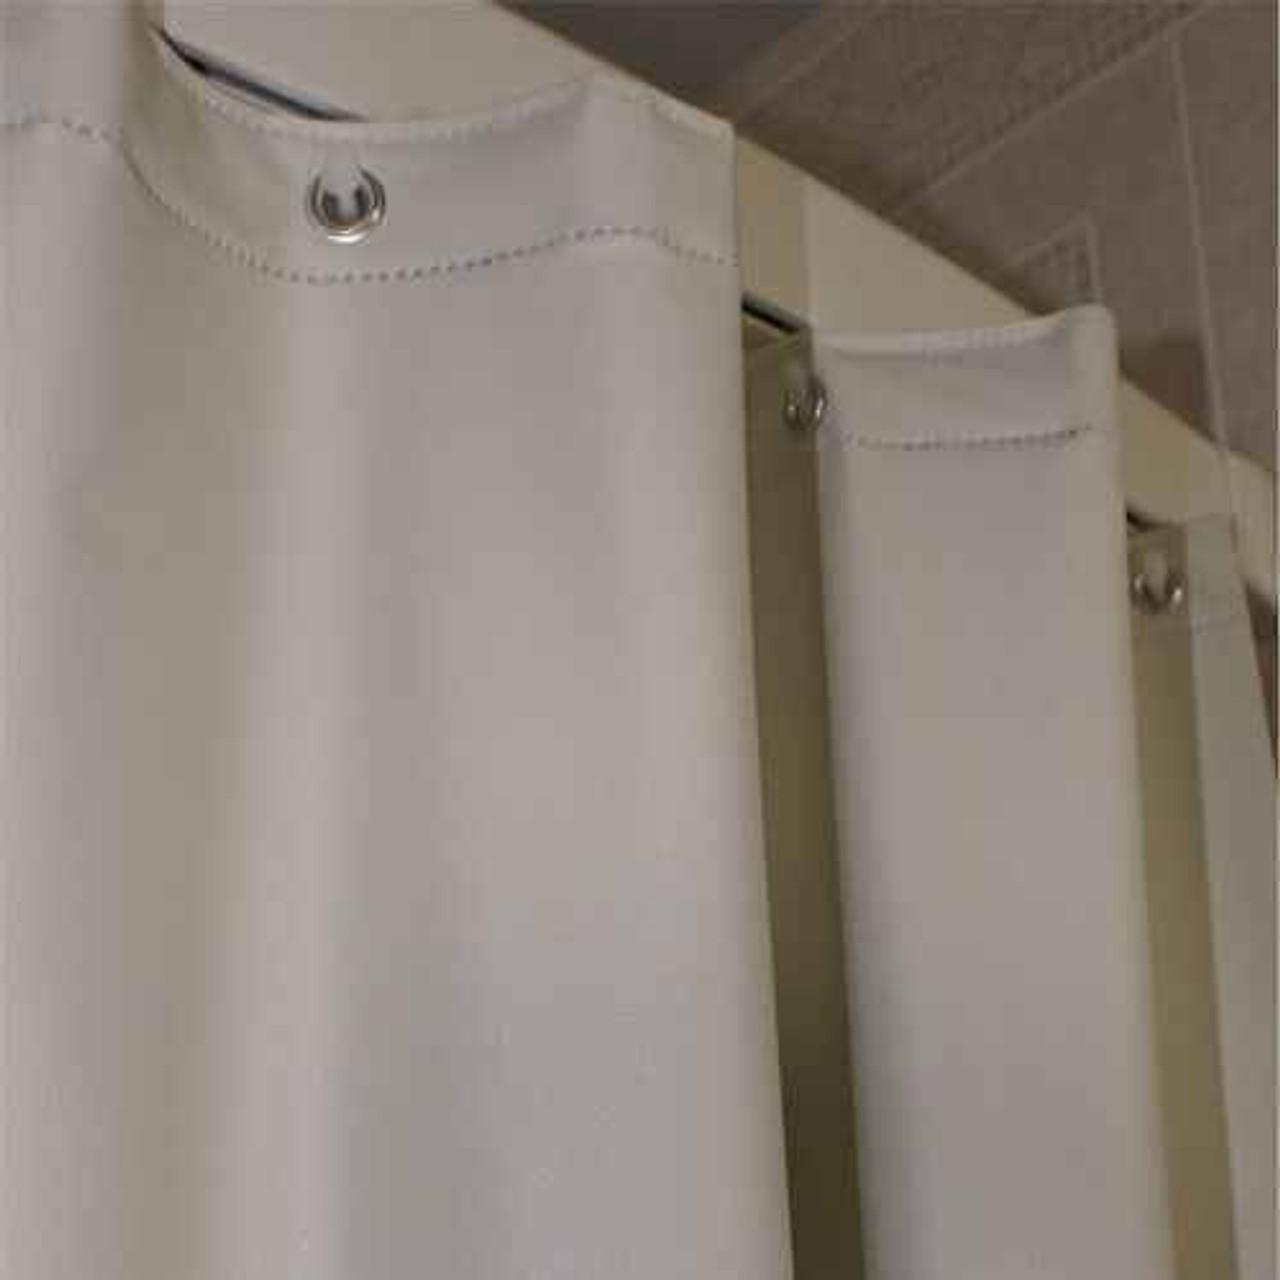 Kartri KARTRIor 8 GAUGE SAN CREPEor VINYL SHOWER CURTAIN W/ METAL GROMMETS PACK OF 12